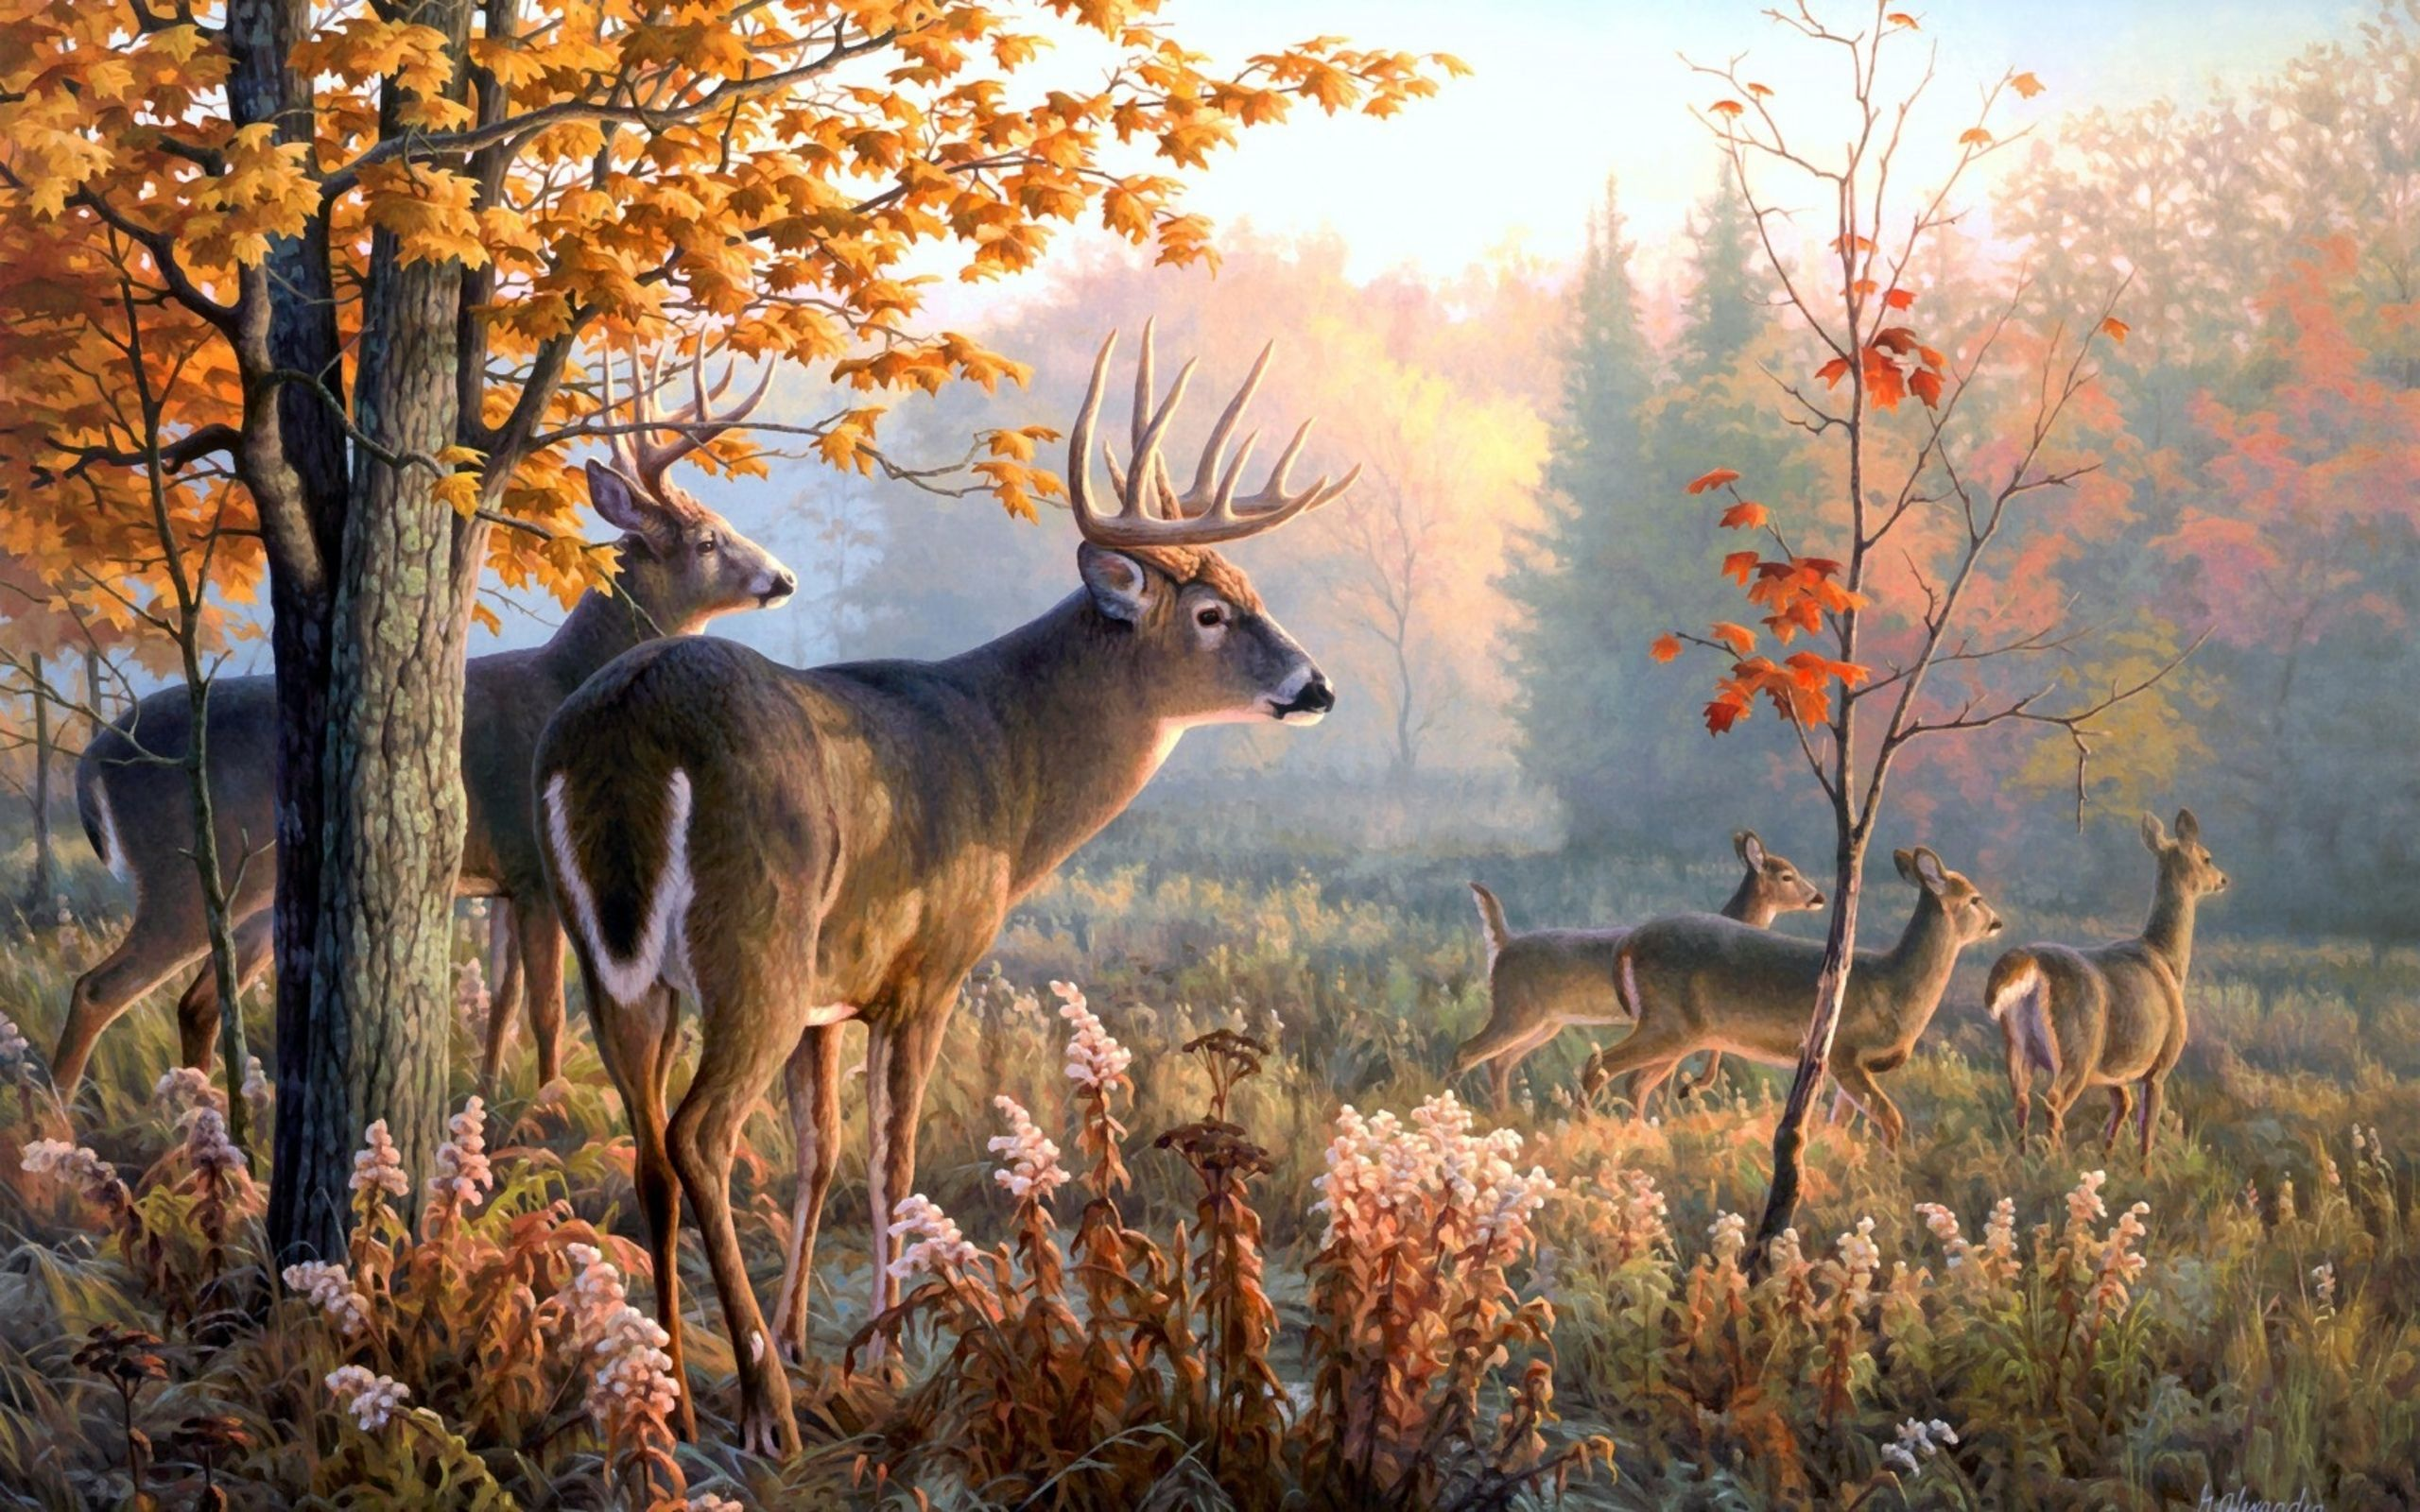 Deer wallpapers 4 animals wallpapers pinterest deer deer wallpapers 4 voltagebd Image collections